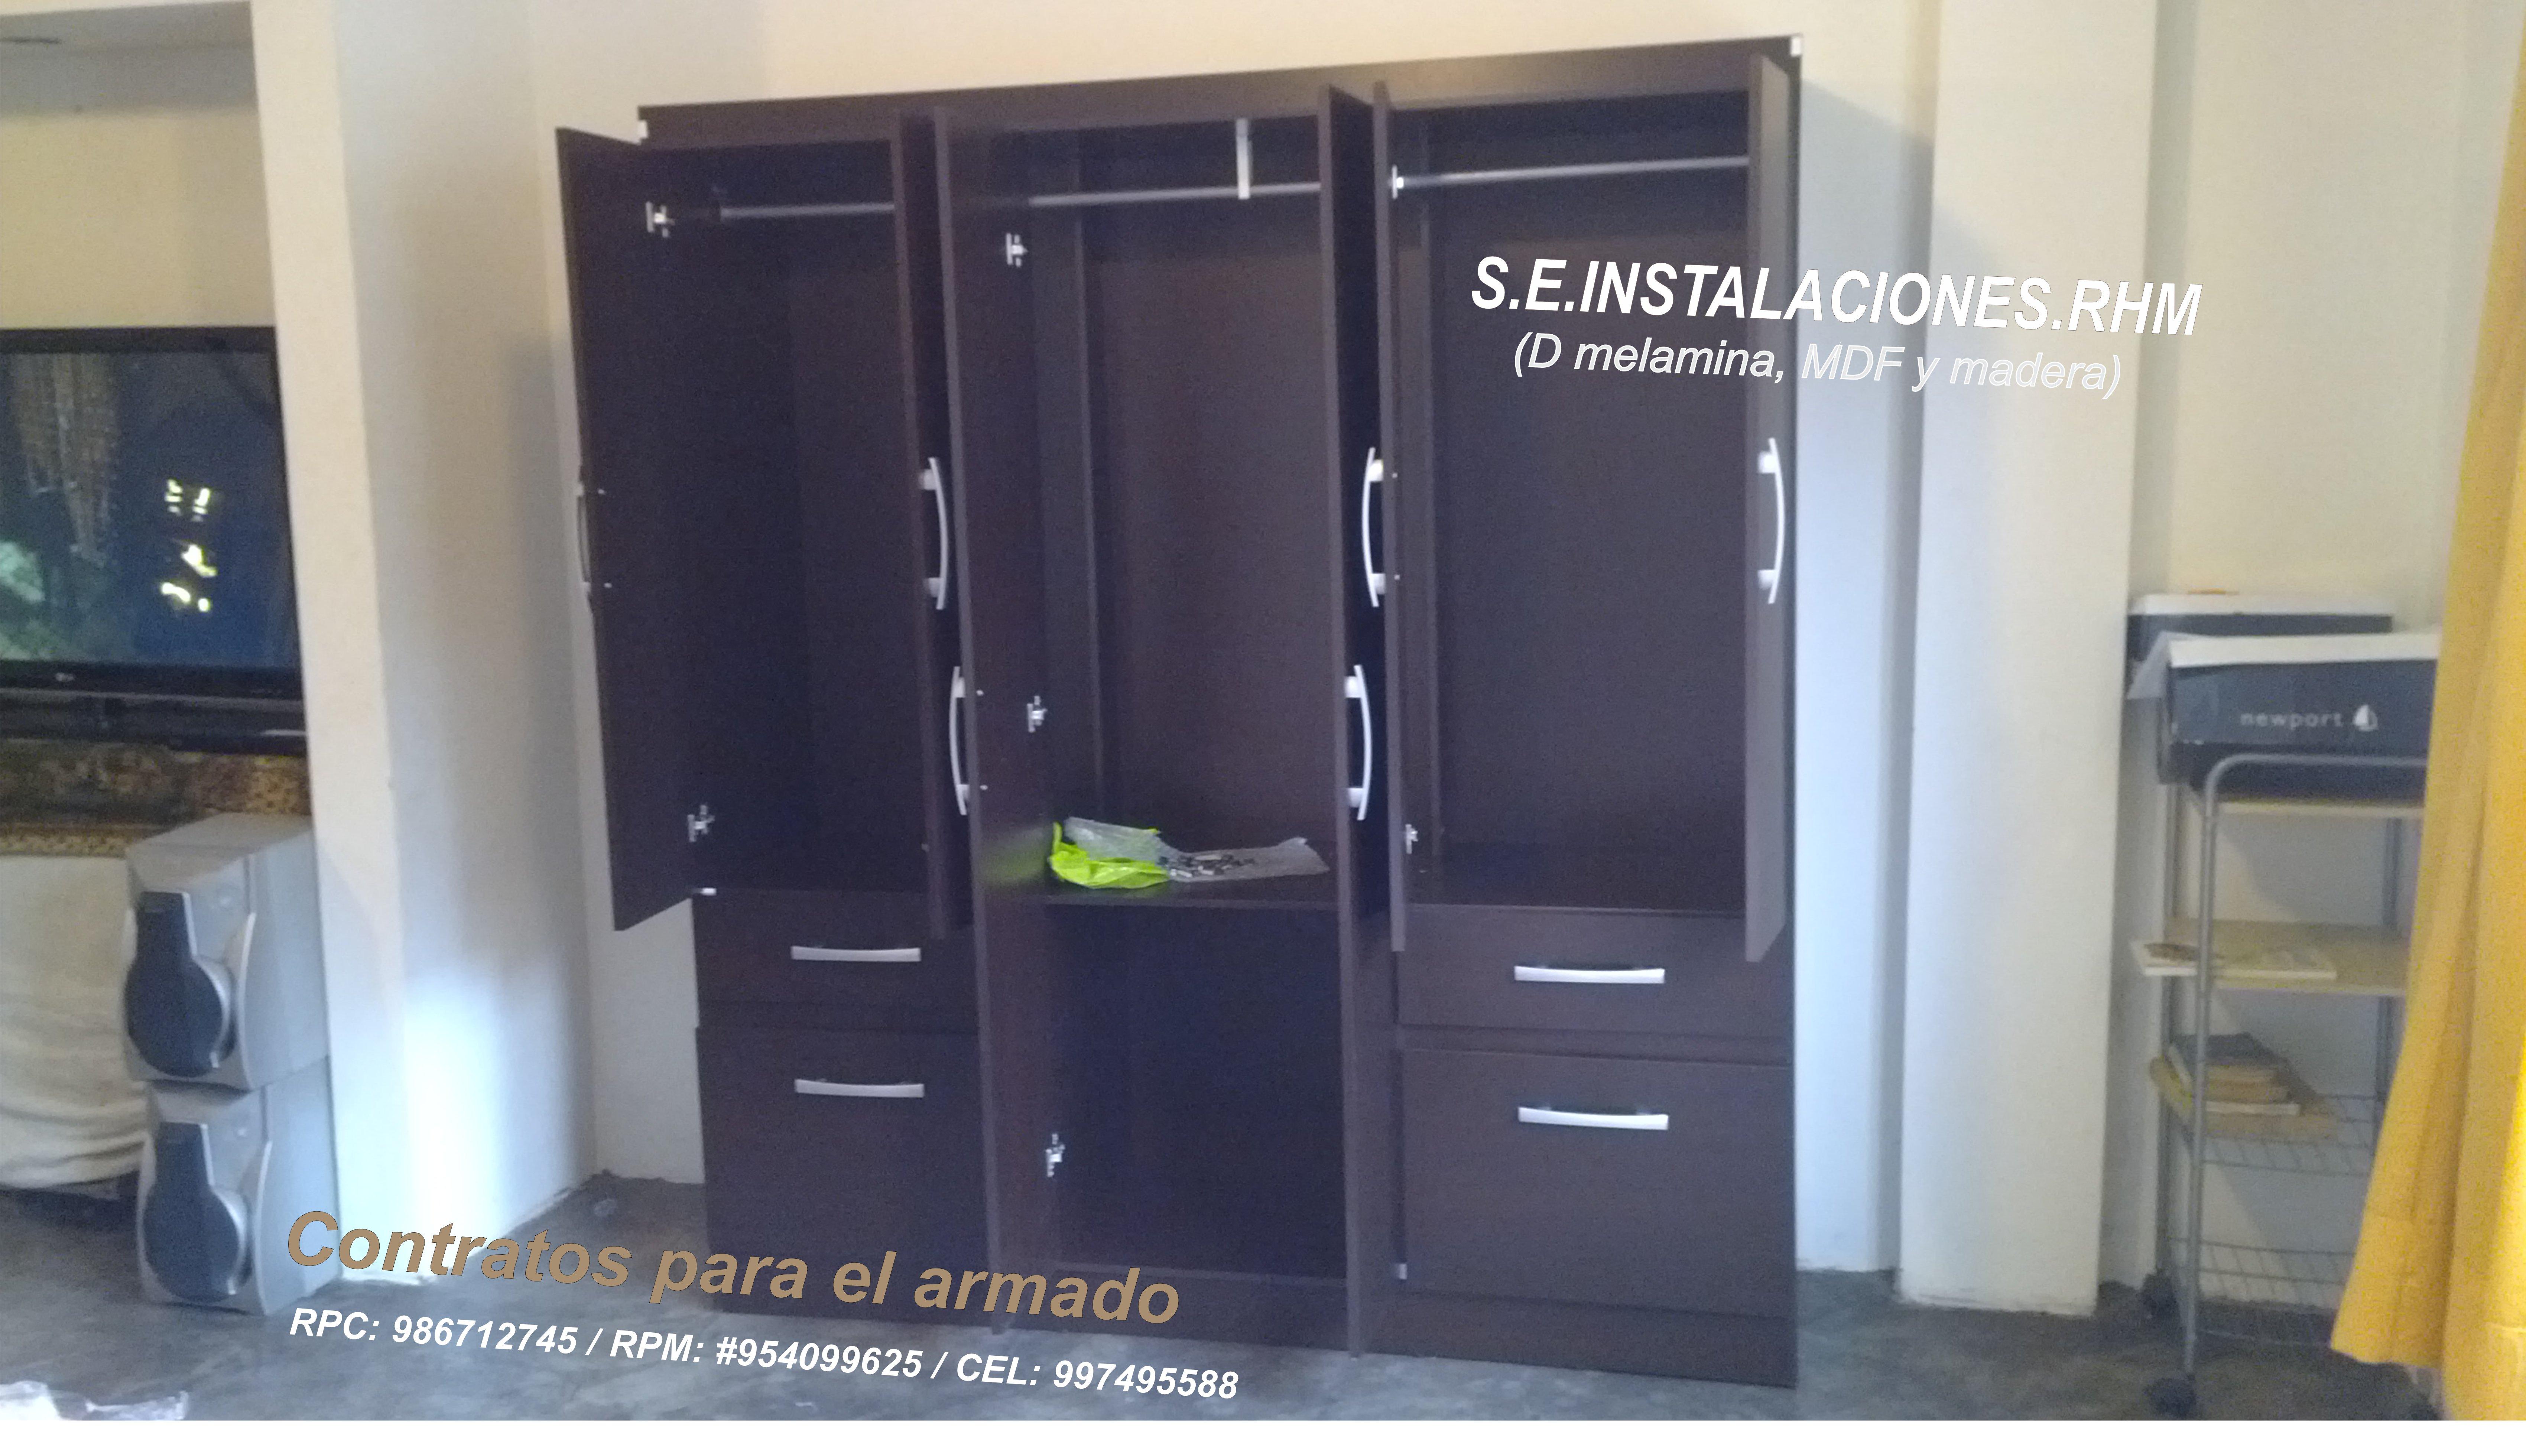 Armado y desarmado de roperos de melamina de saga tottus for Puertas de madera sodimac